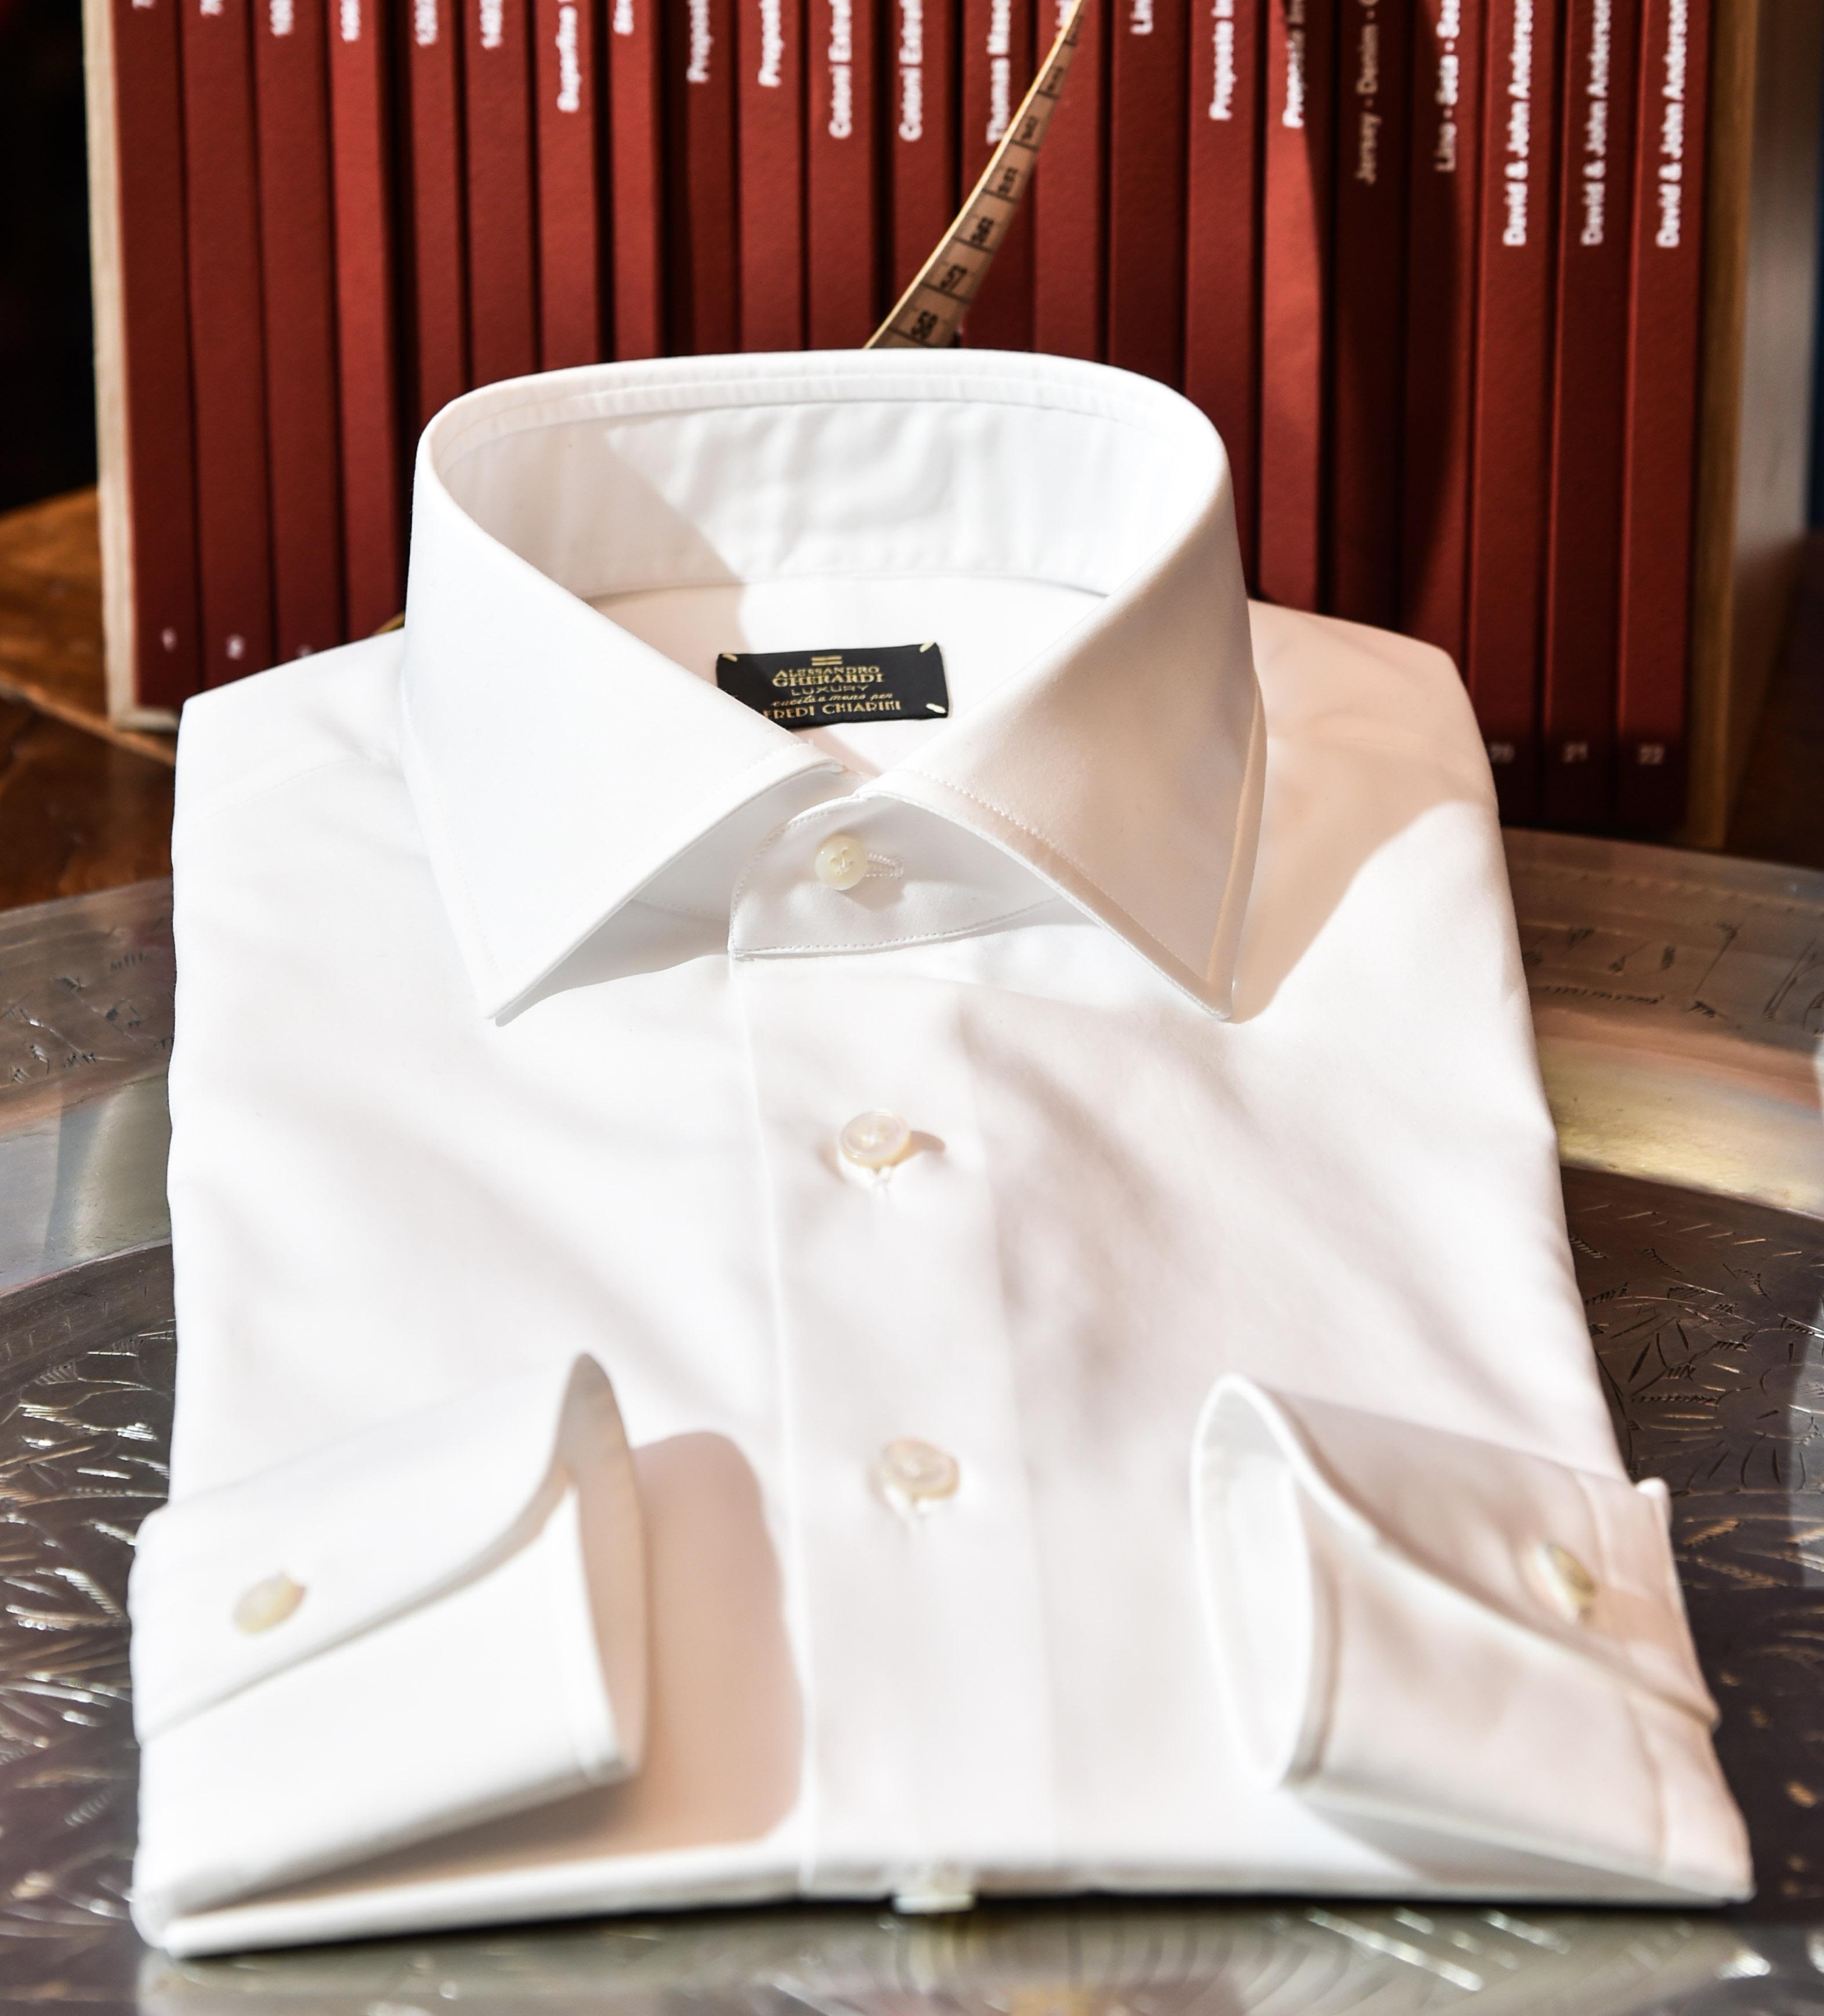 regali di Natale per lui - camicia bianca Alessandro Gherardi